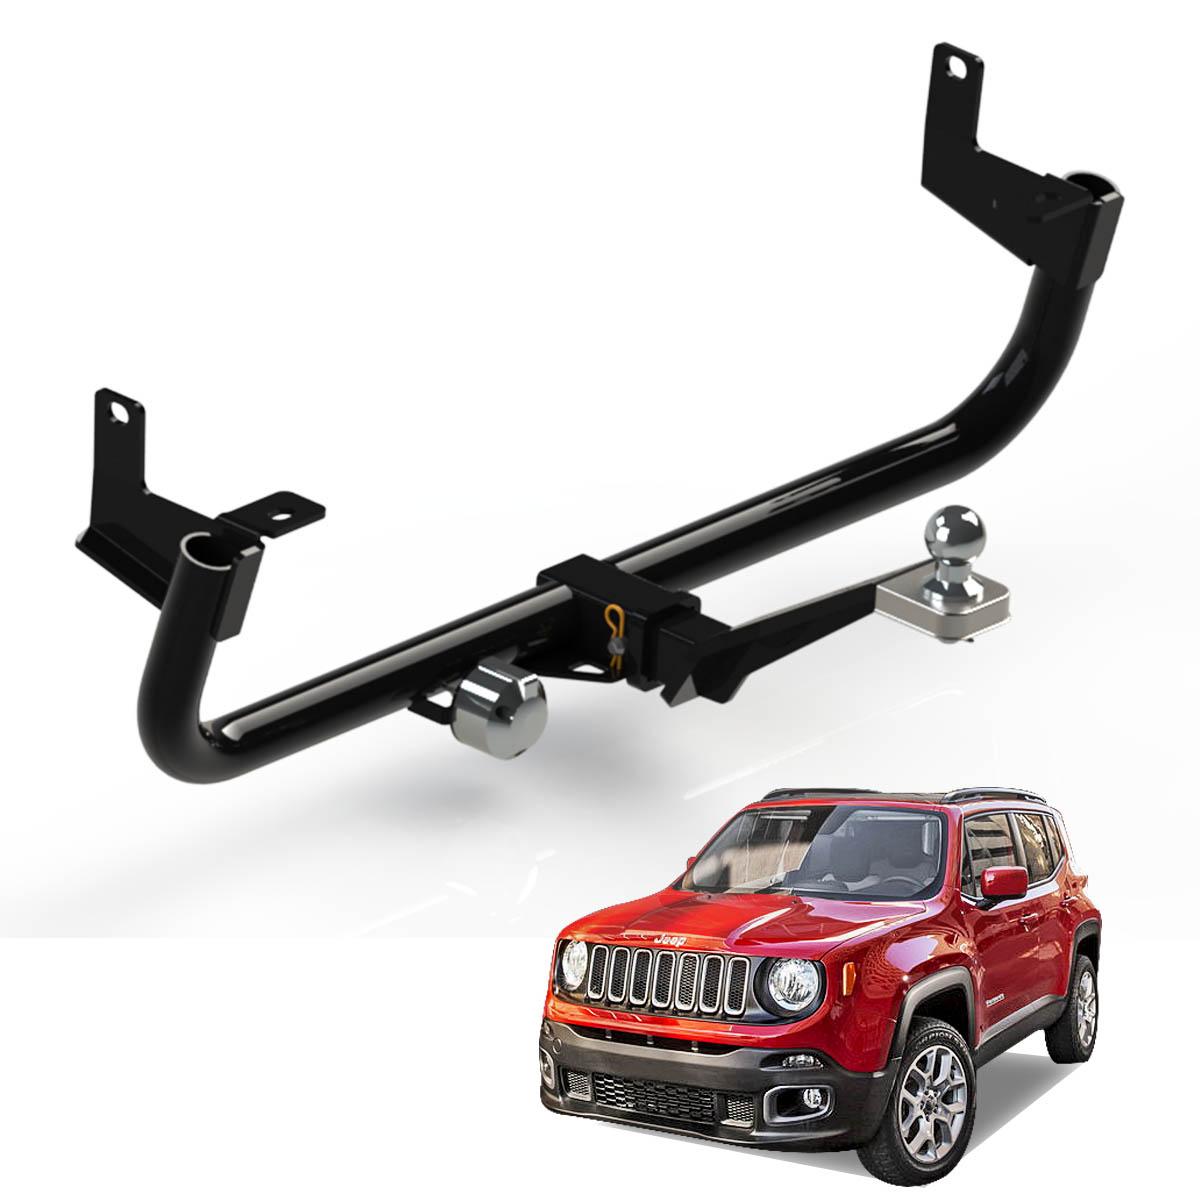 Engate de reboque Jeep Renegade 2016 4x2 ou 4x4 remov�vel 700 kg